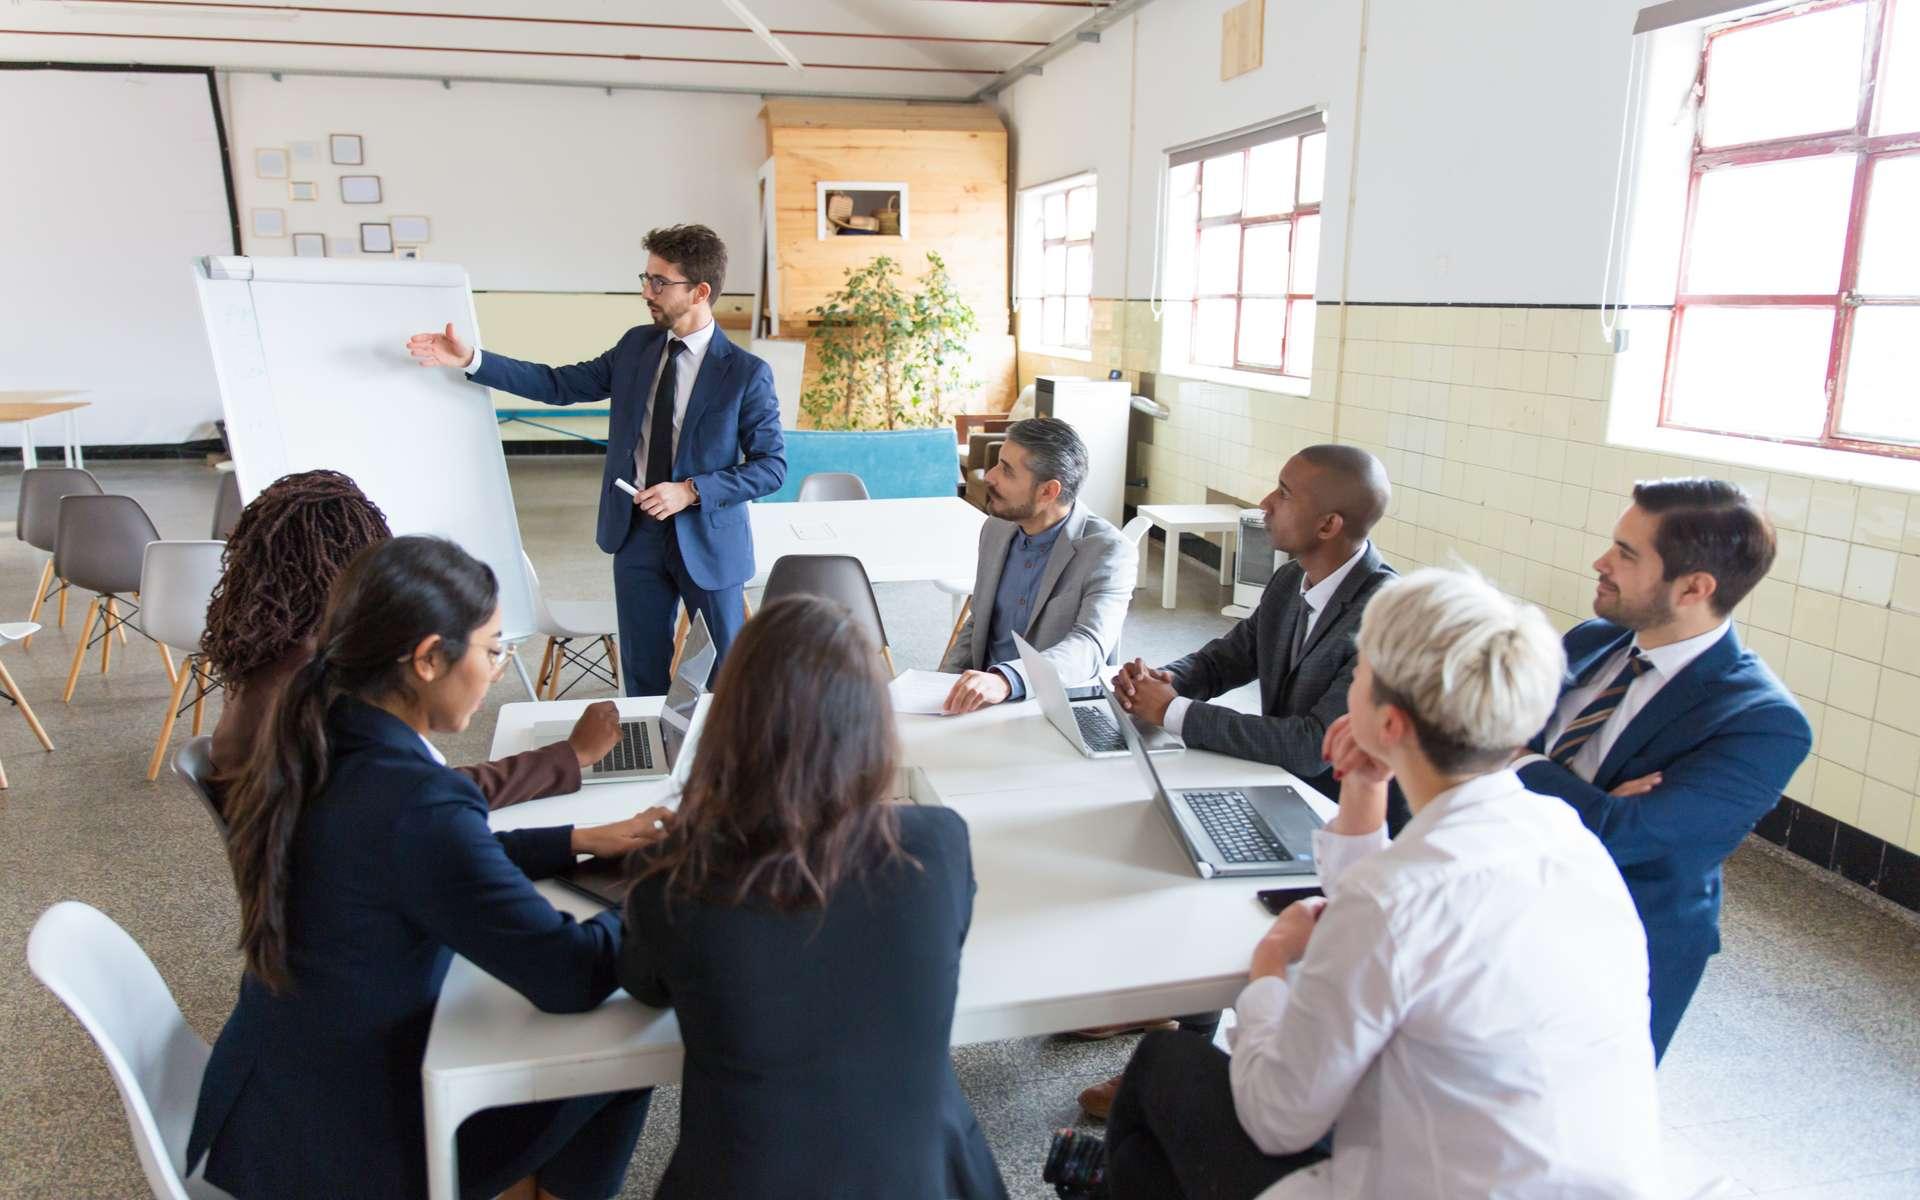 Suivre une formation CPF peut se faire en entreprise ou en centres agréés, en groupe ou individuellement. © Mangostar, Adobe Stock